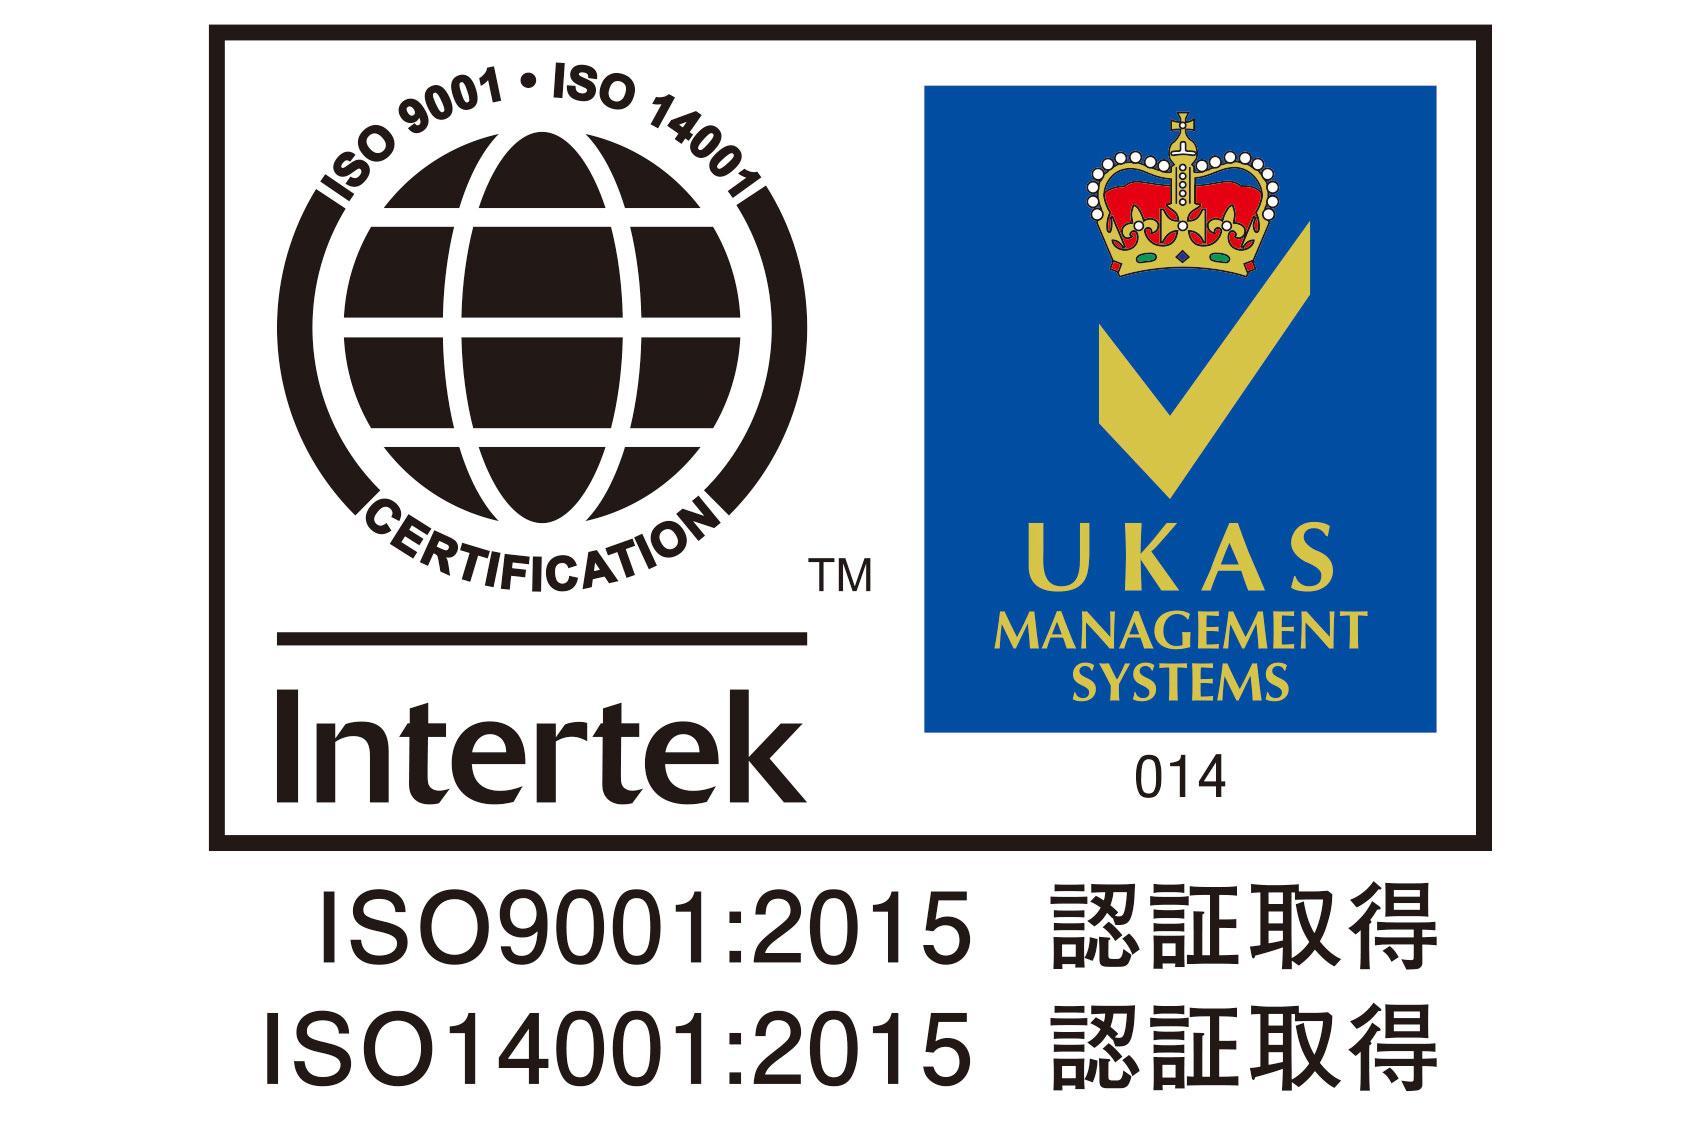 国際認証規格 ISO9001、ISO14001を取得